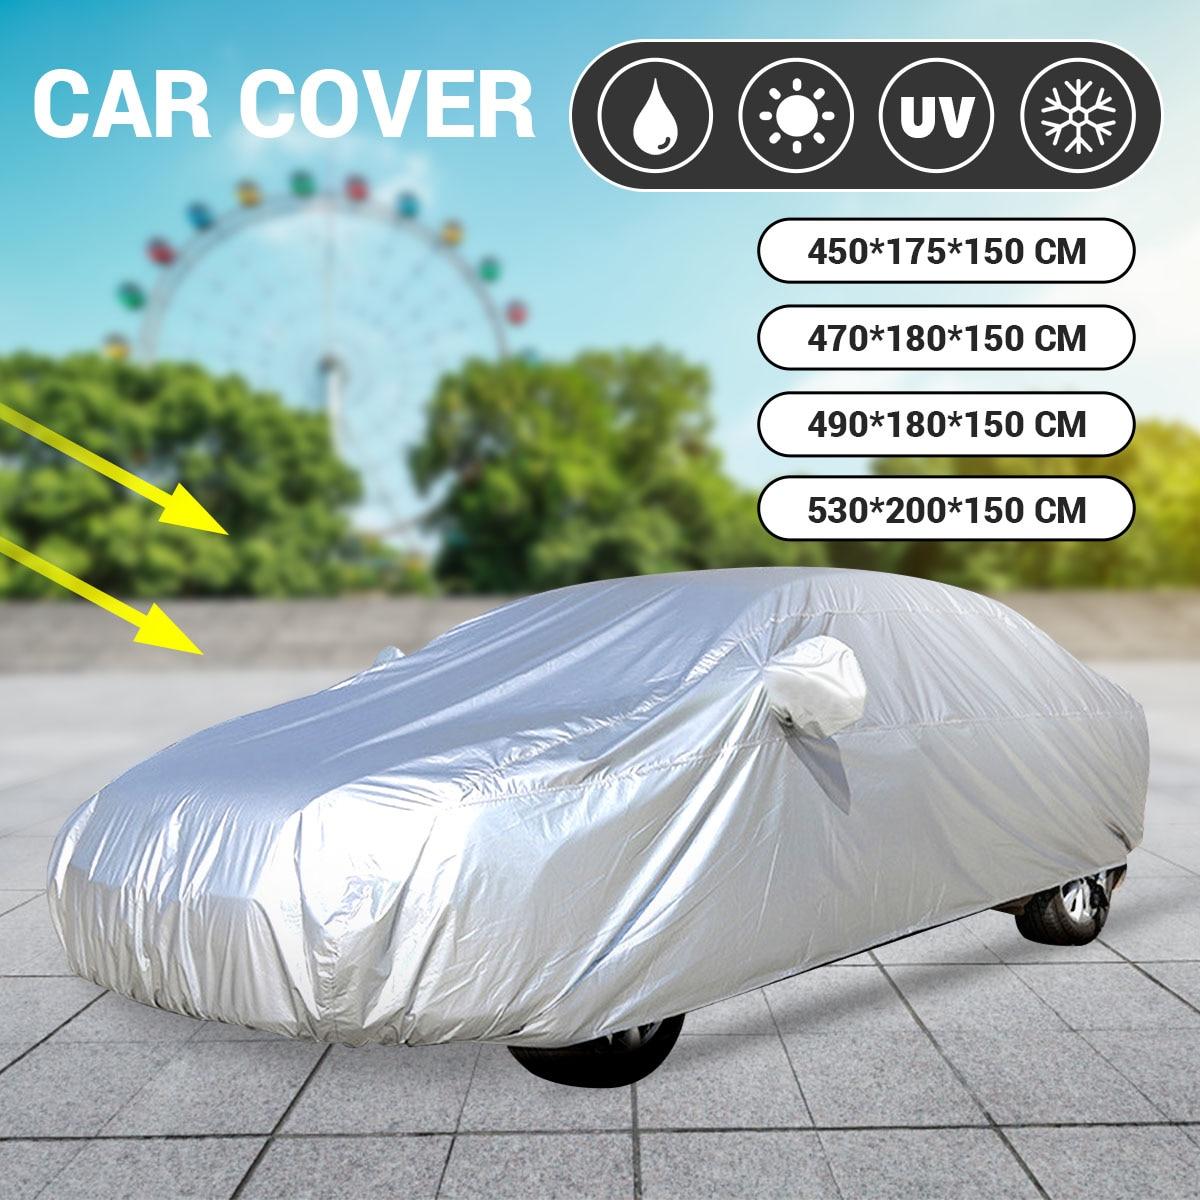 M L XL XXL Universal Full Car Cover Anti Rain Snow Ice Waterproof Dustproof UV Outdoor